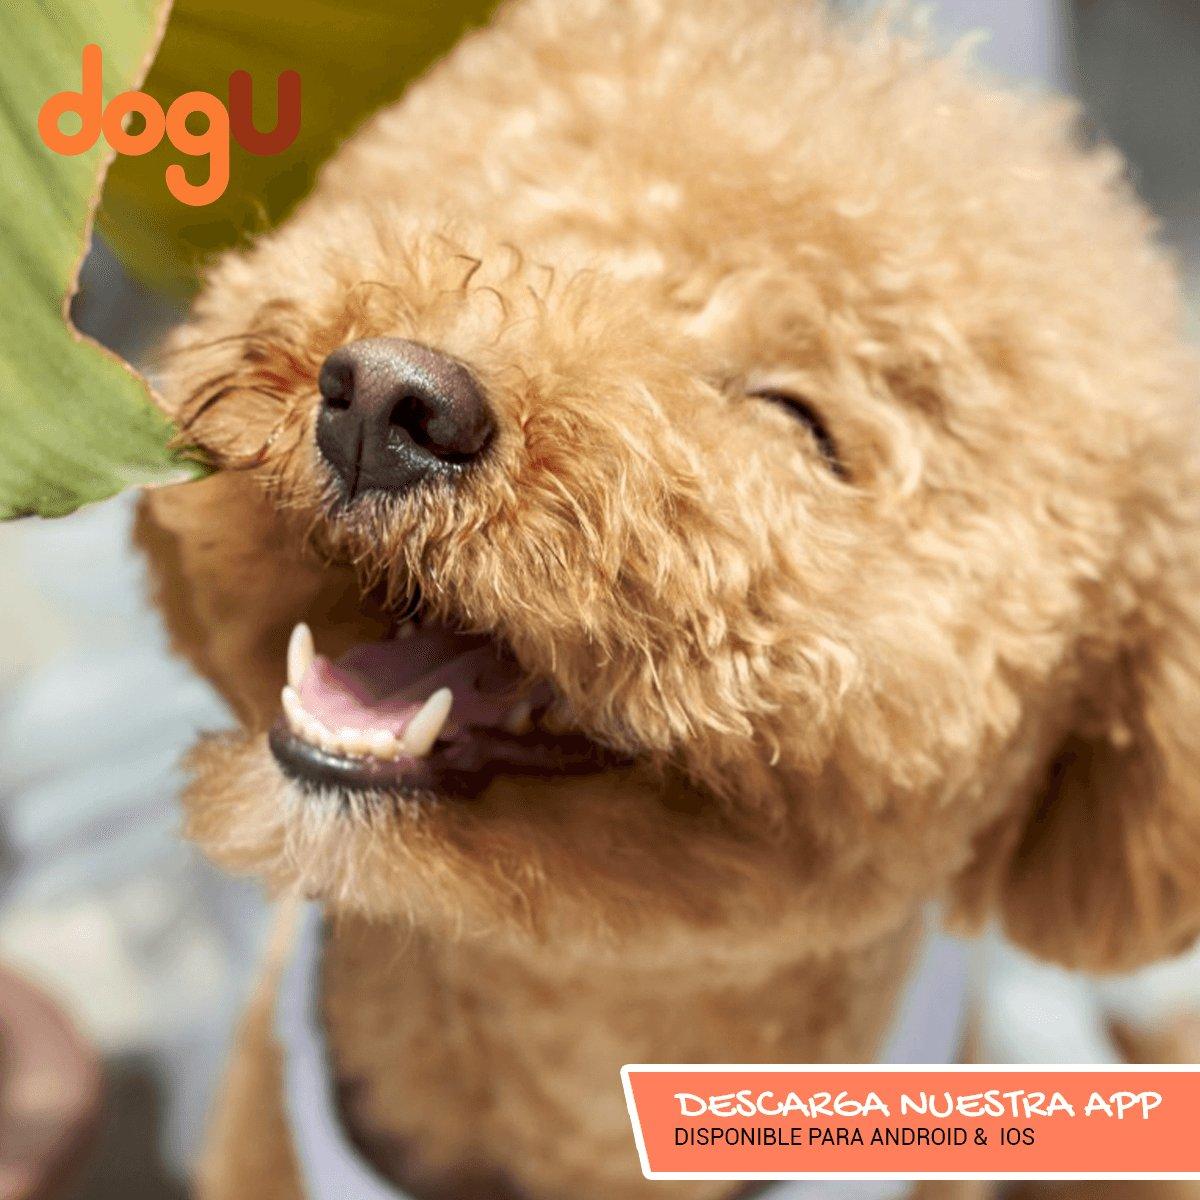 Un mundo sin perros, sería lo mismo que una vida sin sonrisas.  #YoSoyUnDogULover #DogU #LaAppQueLeDaVozATuPeludo #DescárgalaYa https://t.co/OvQgIlUA4X https://t.co/NNb5upvg0o